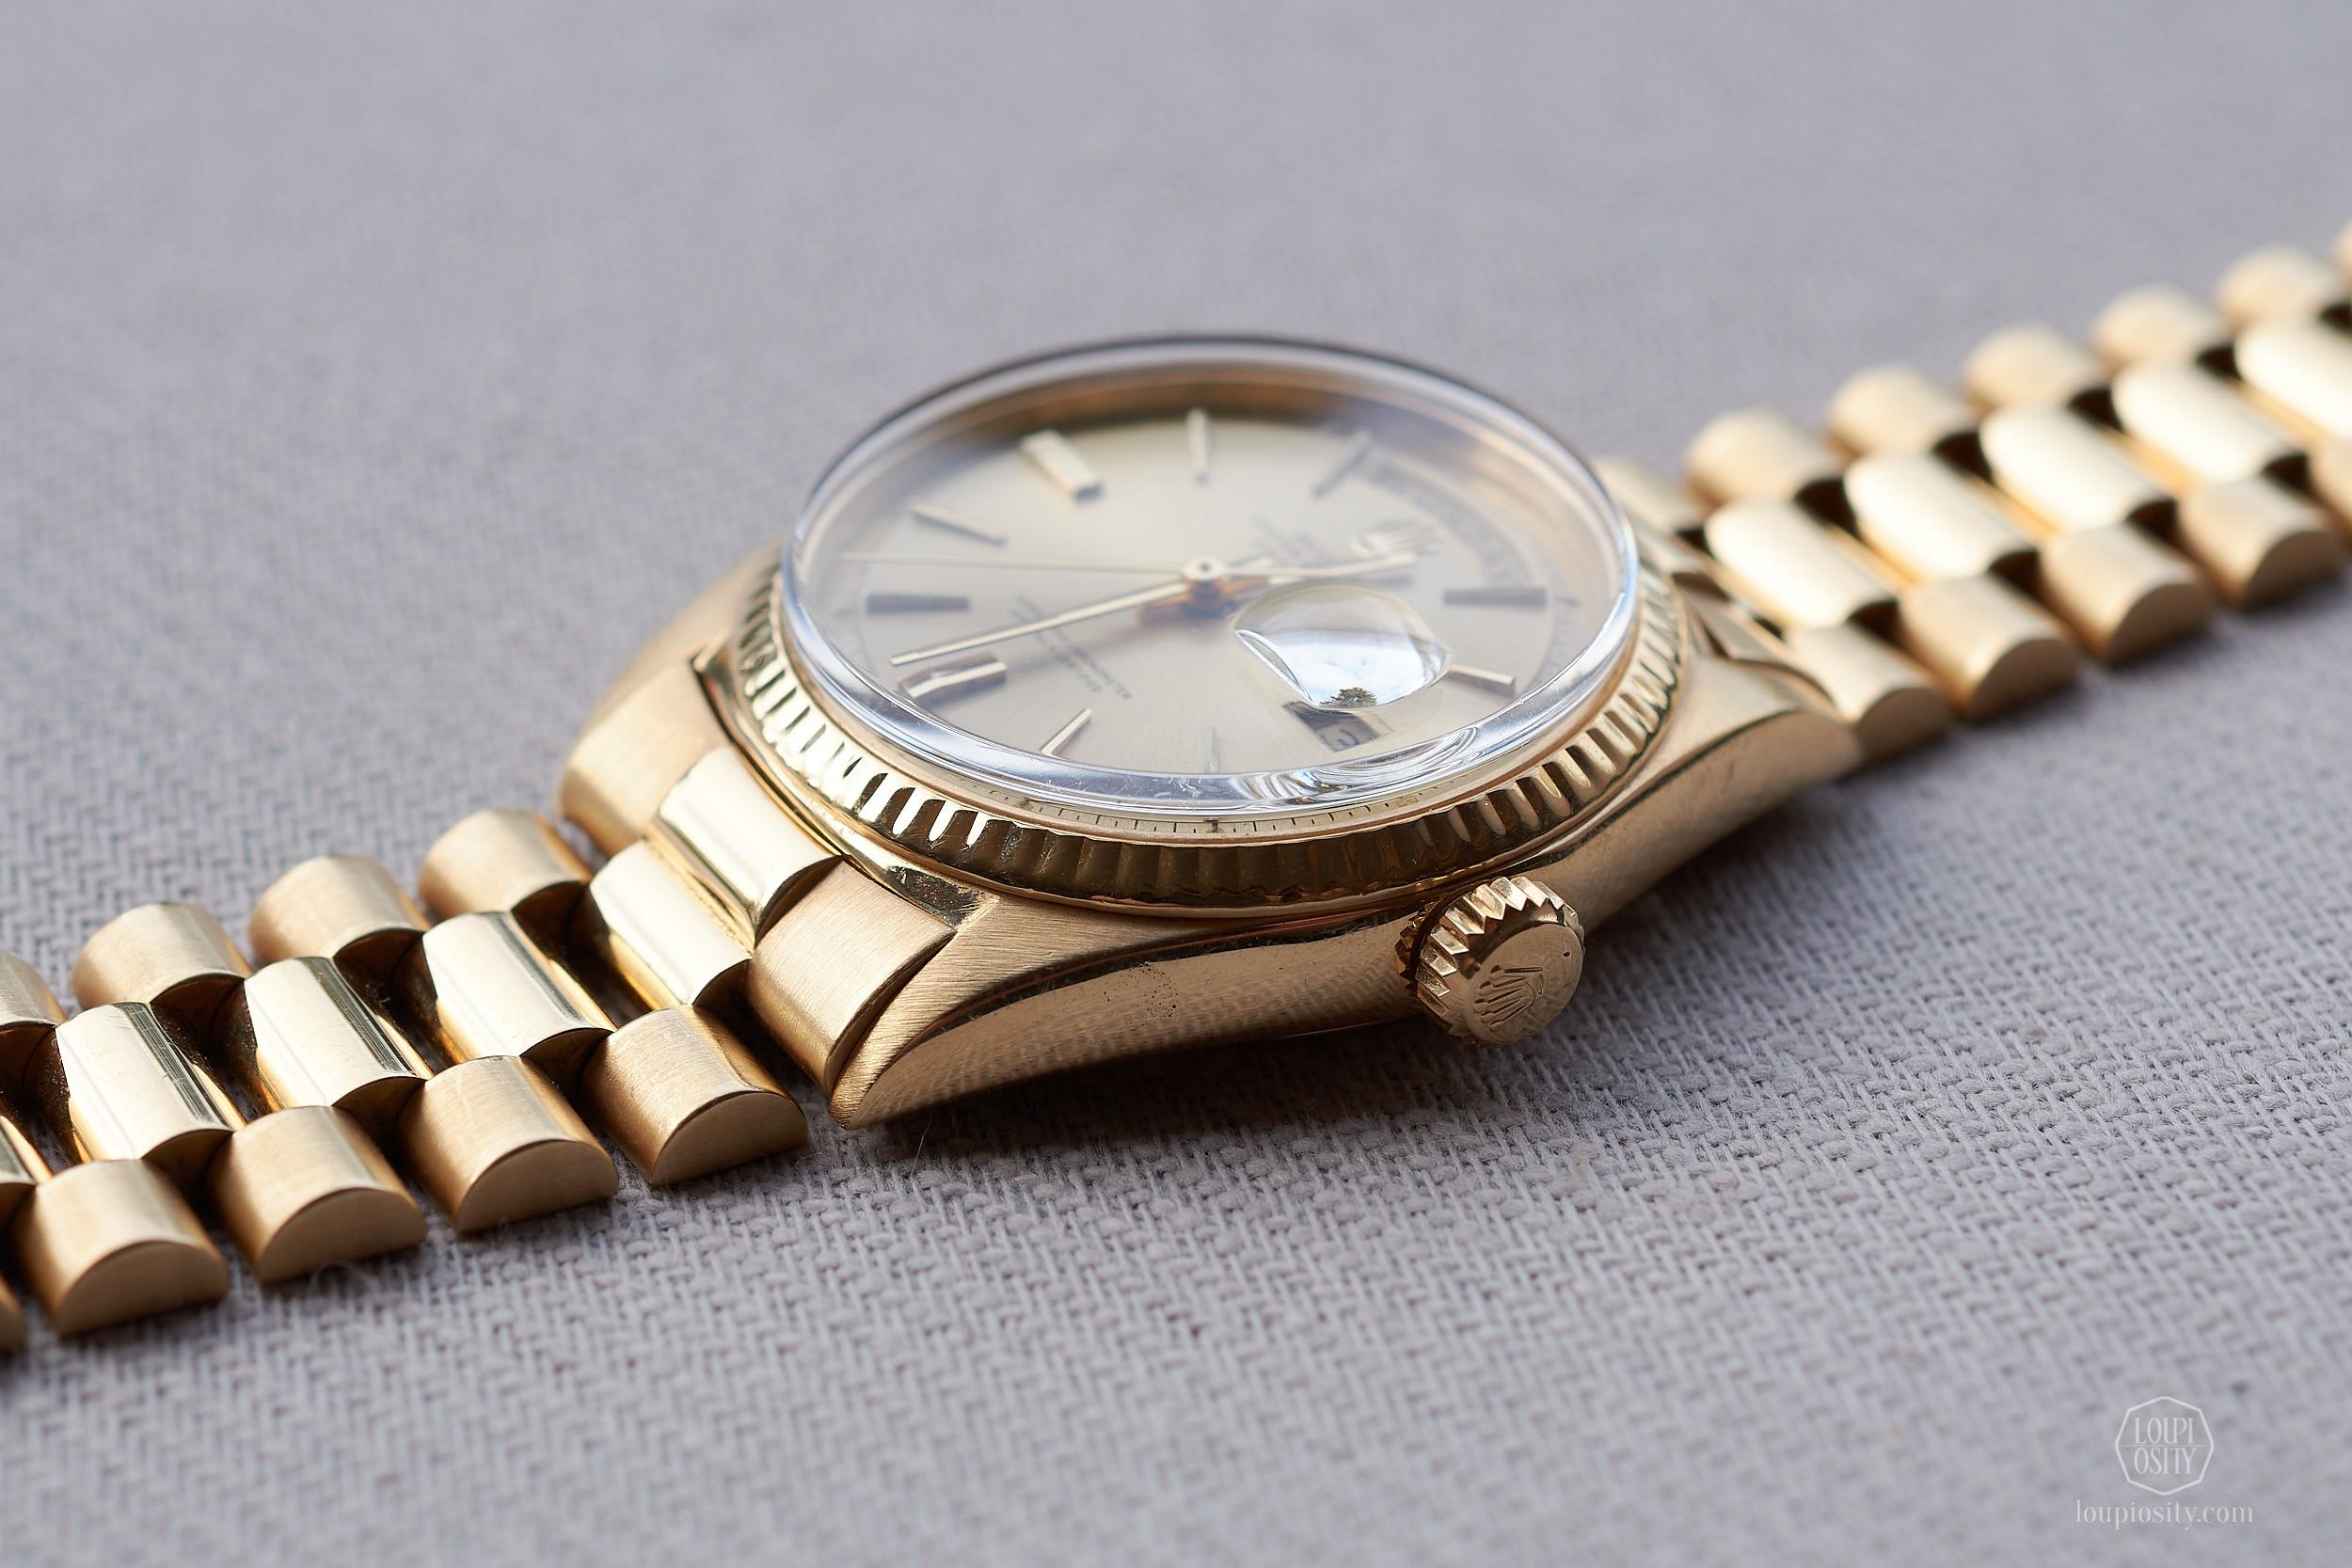 Lot 18 Rolex Day-Date